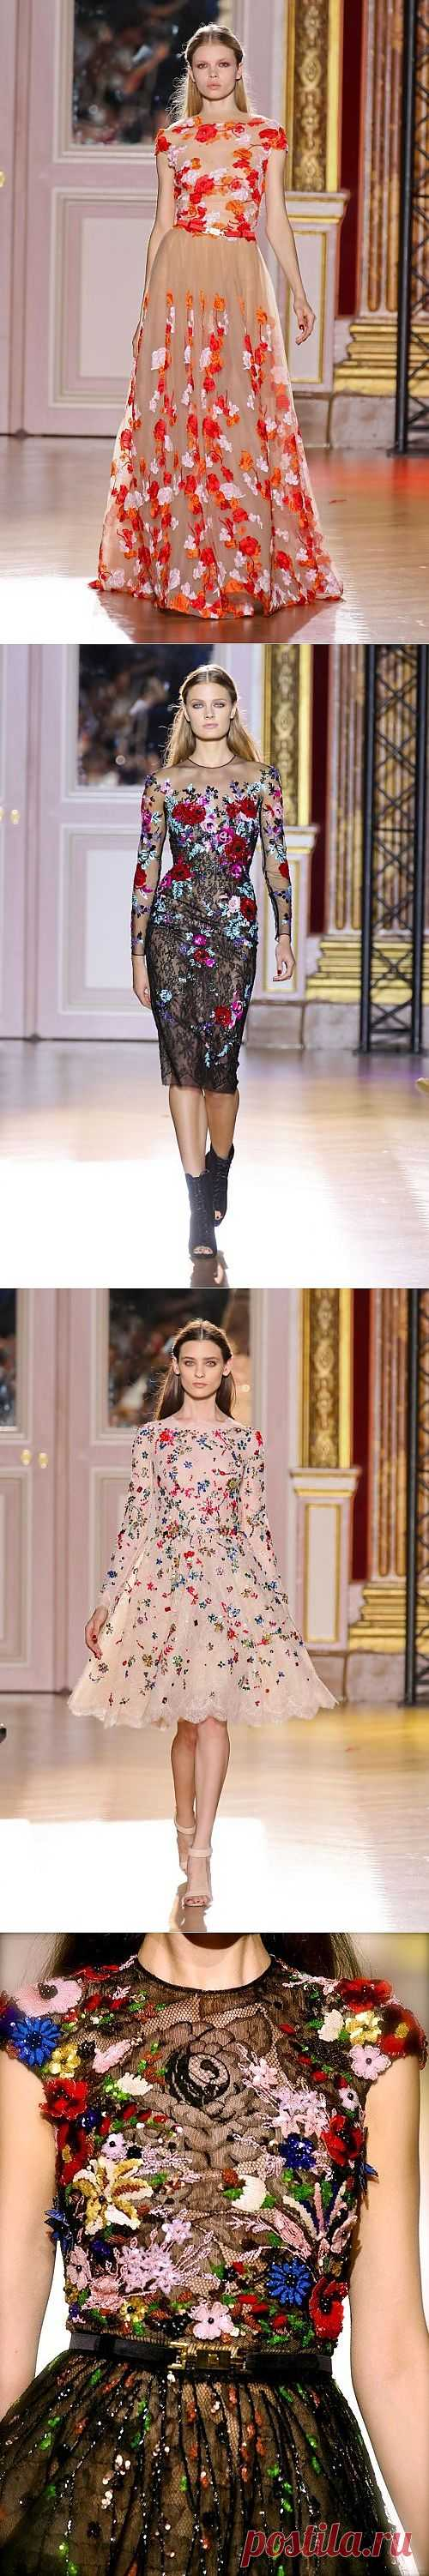 Zuhair Murad Haute Couture осень-зима 2012-2013 / Нарядно / Модный сайт о стильной переделке одежды и интерьера